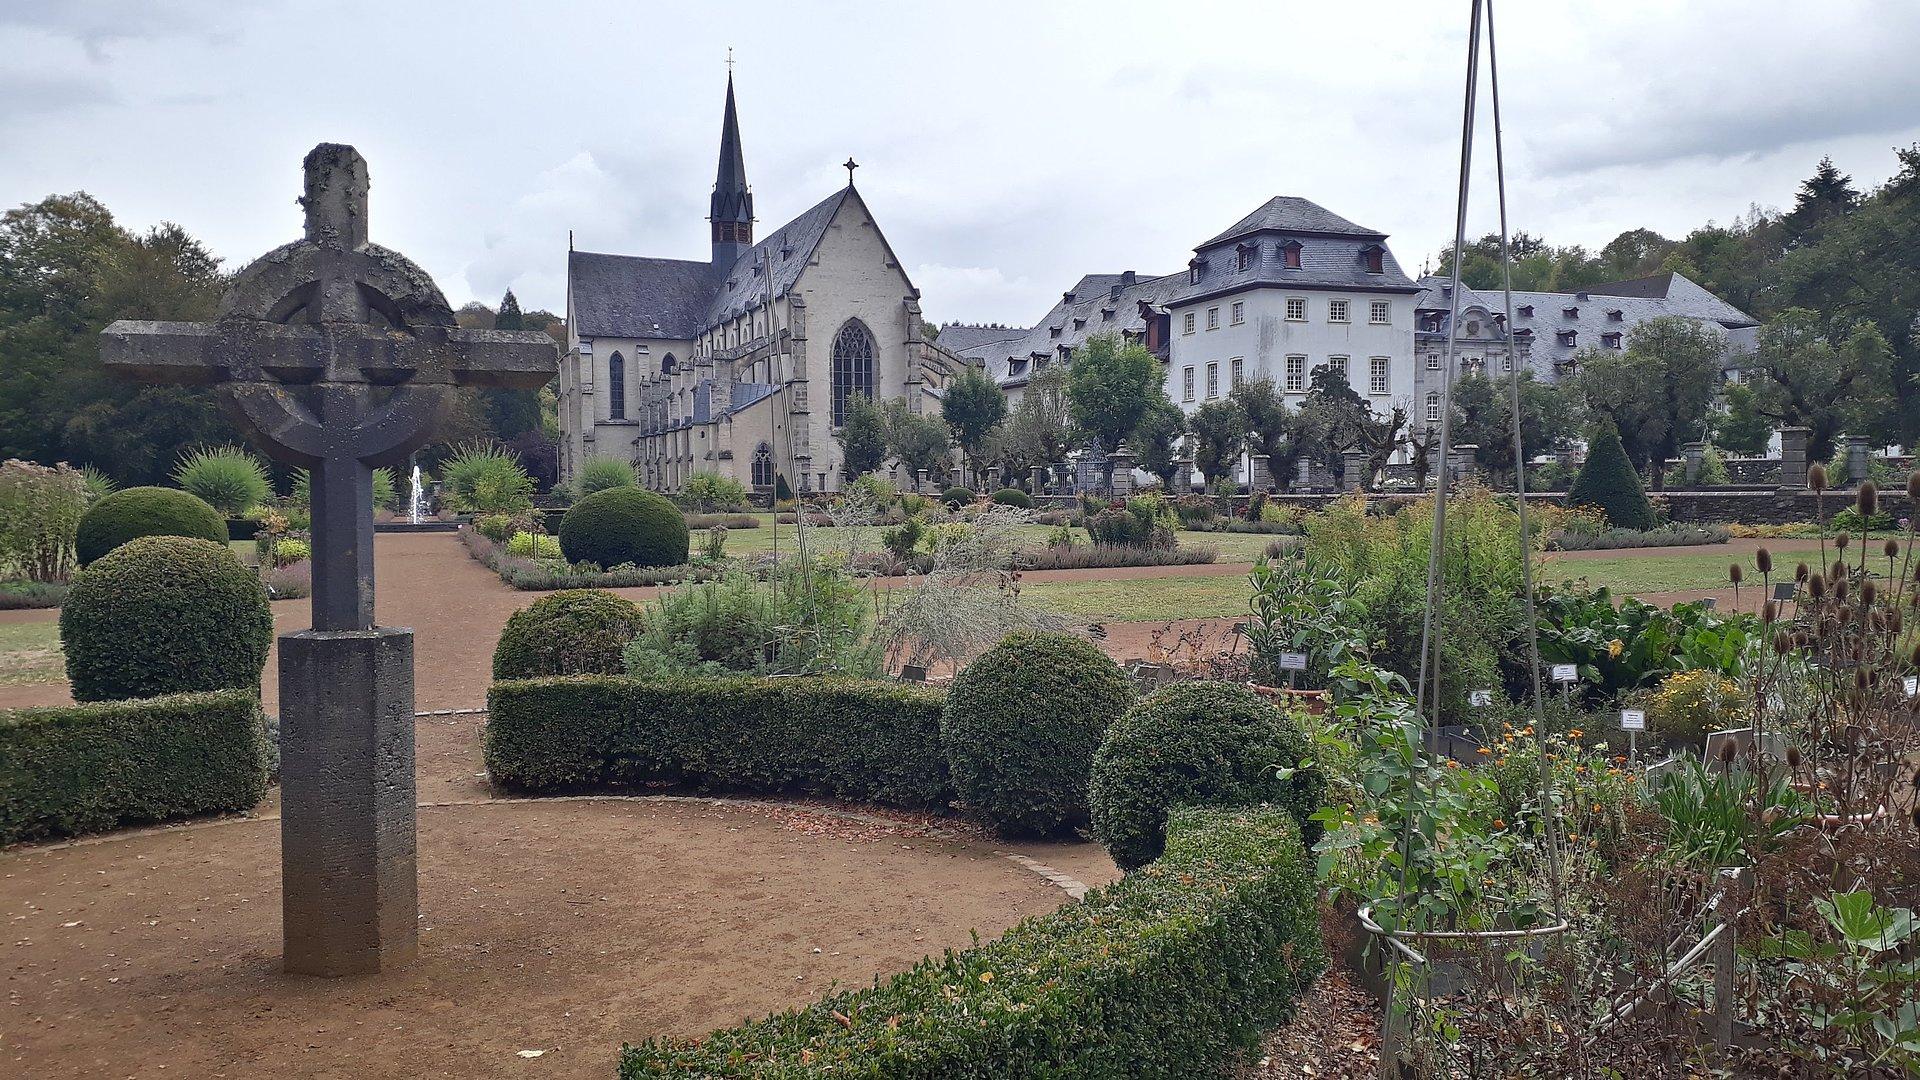 Kloster Marienstatt mit Klostergarten im Nistertal bei Streithausen, Westerwald